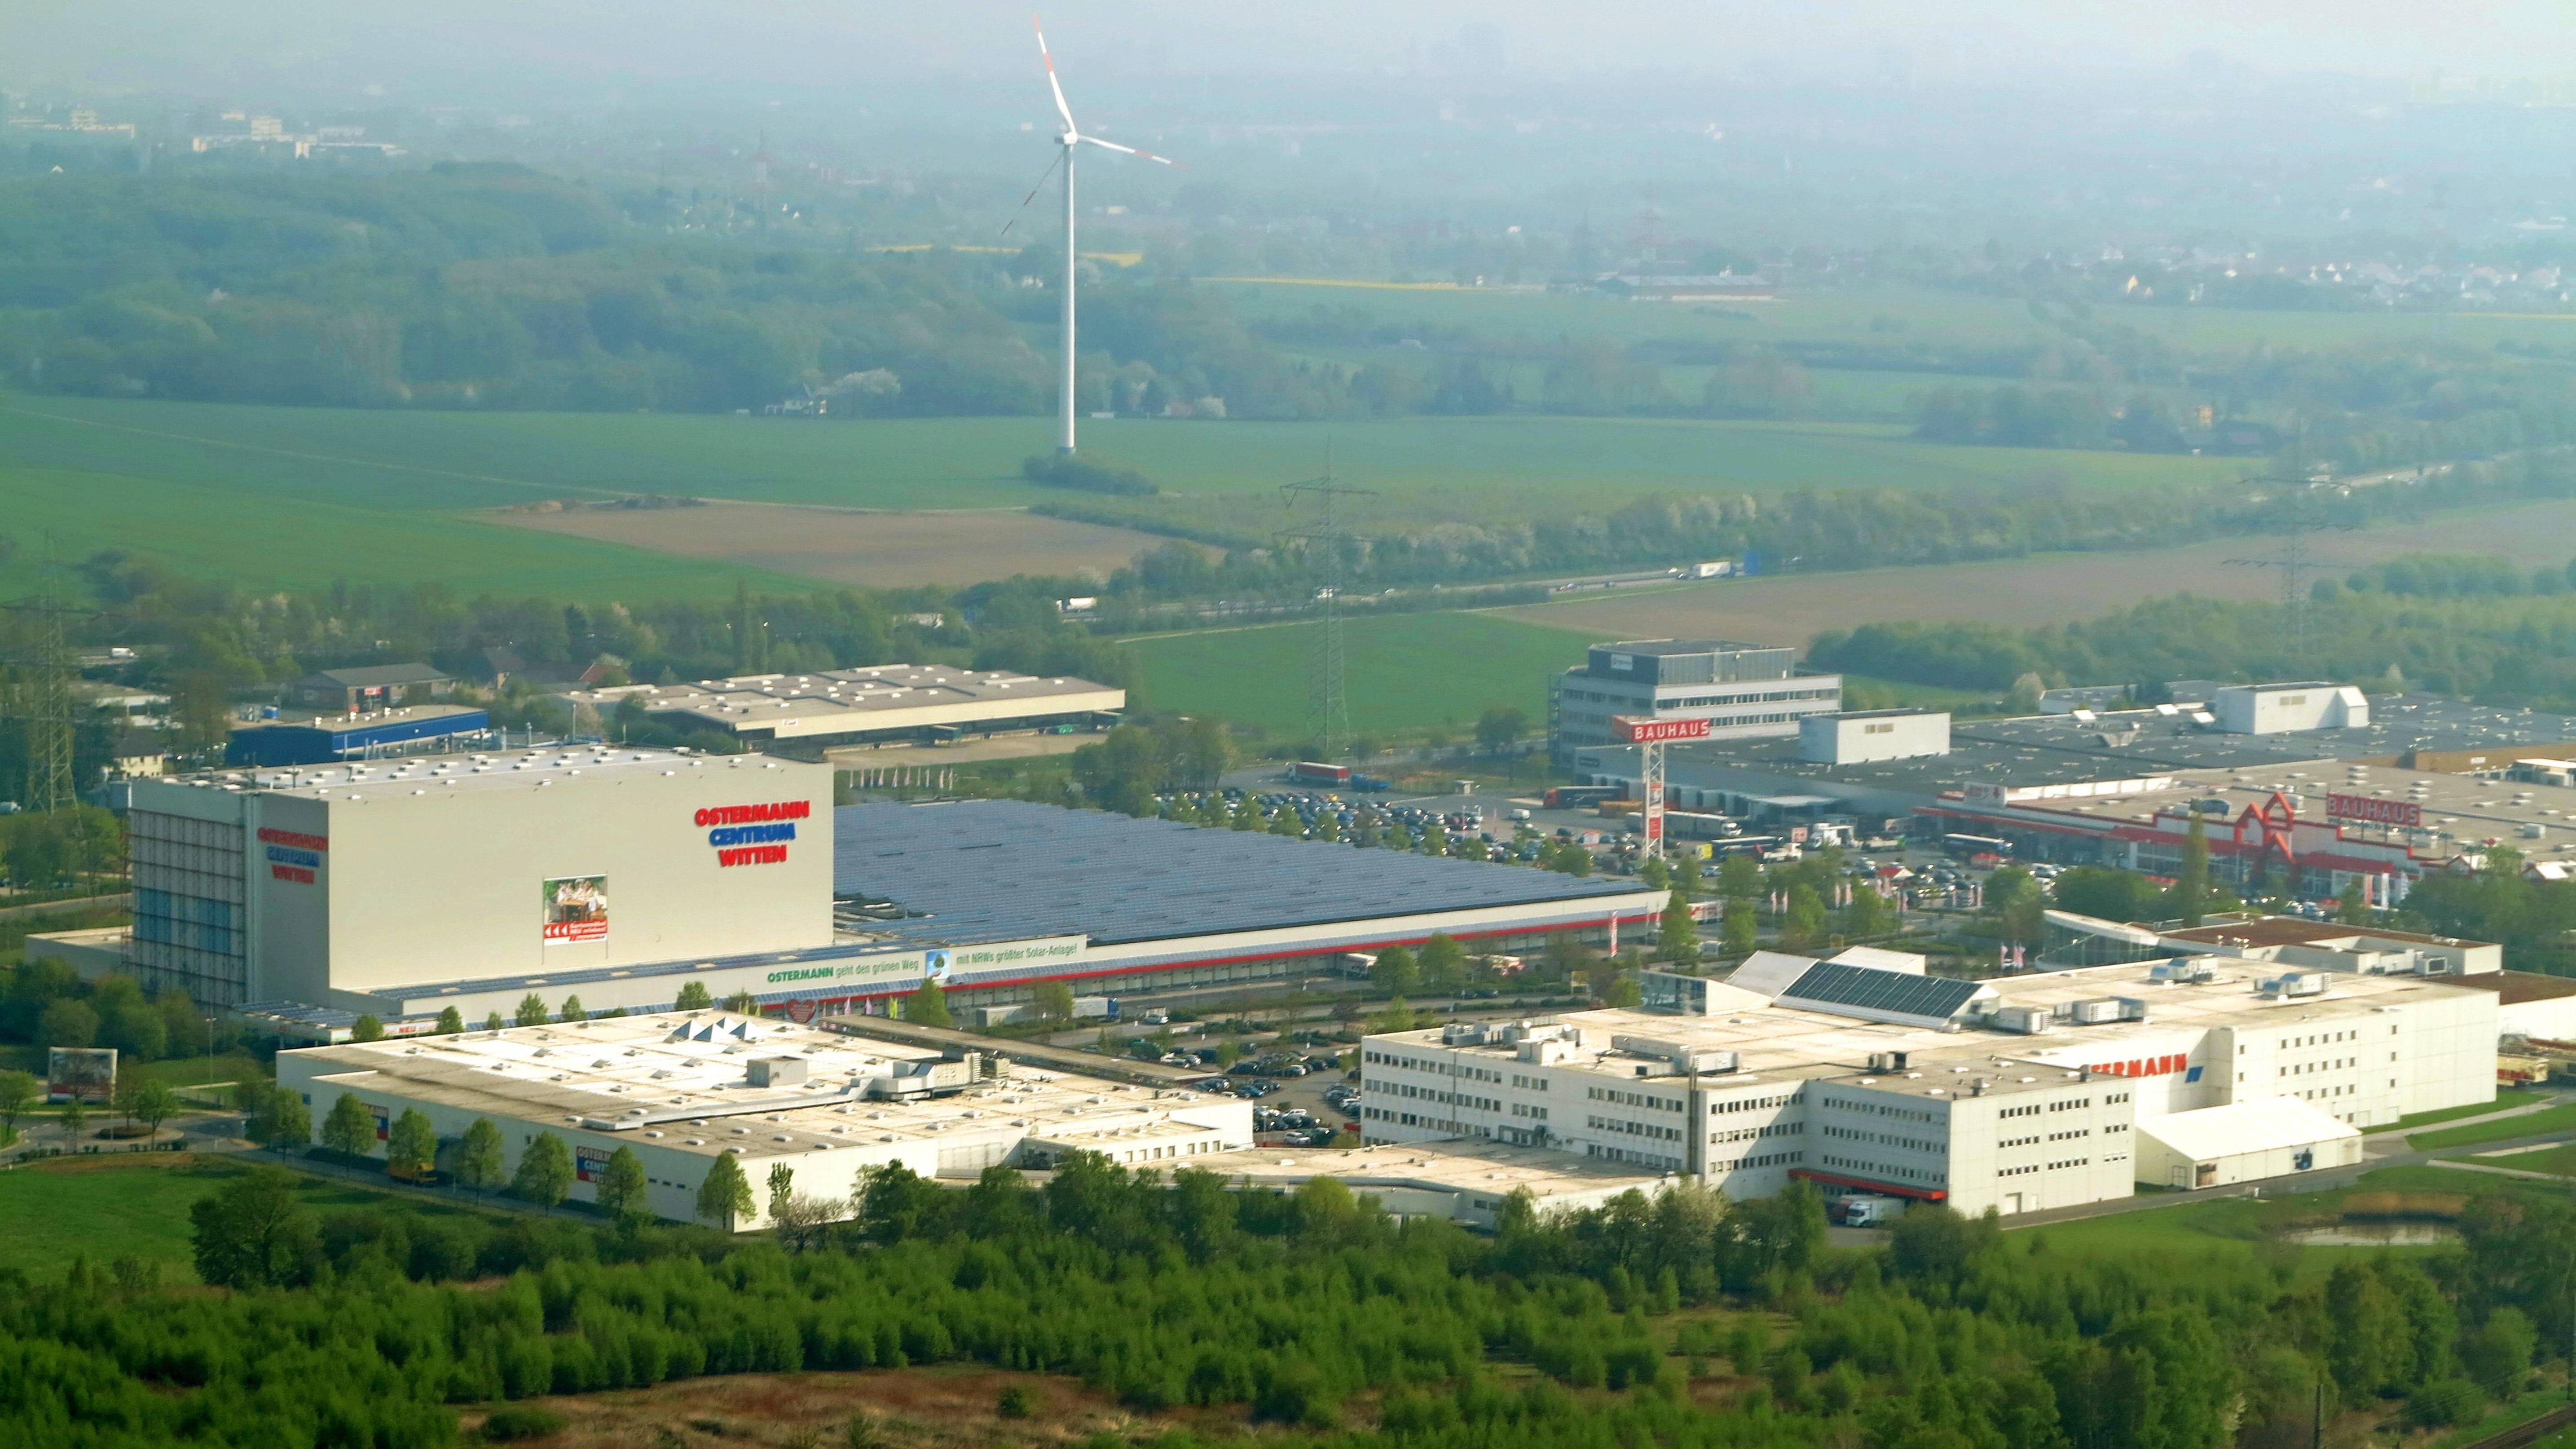 Blick aus der Luft ueber ein Gewerbegebiet in einer Feld- und Waldlandschaft, Nordrhein-Westfalen, Witten